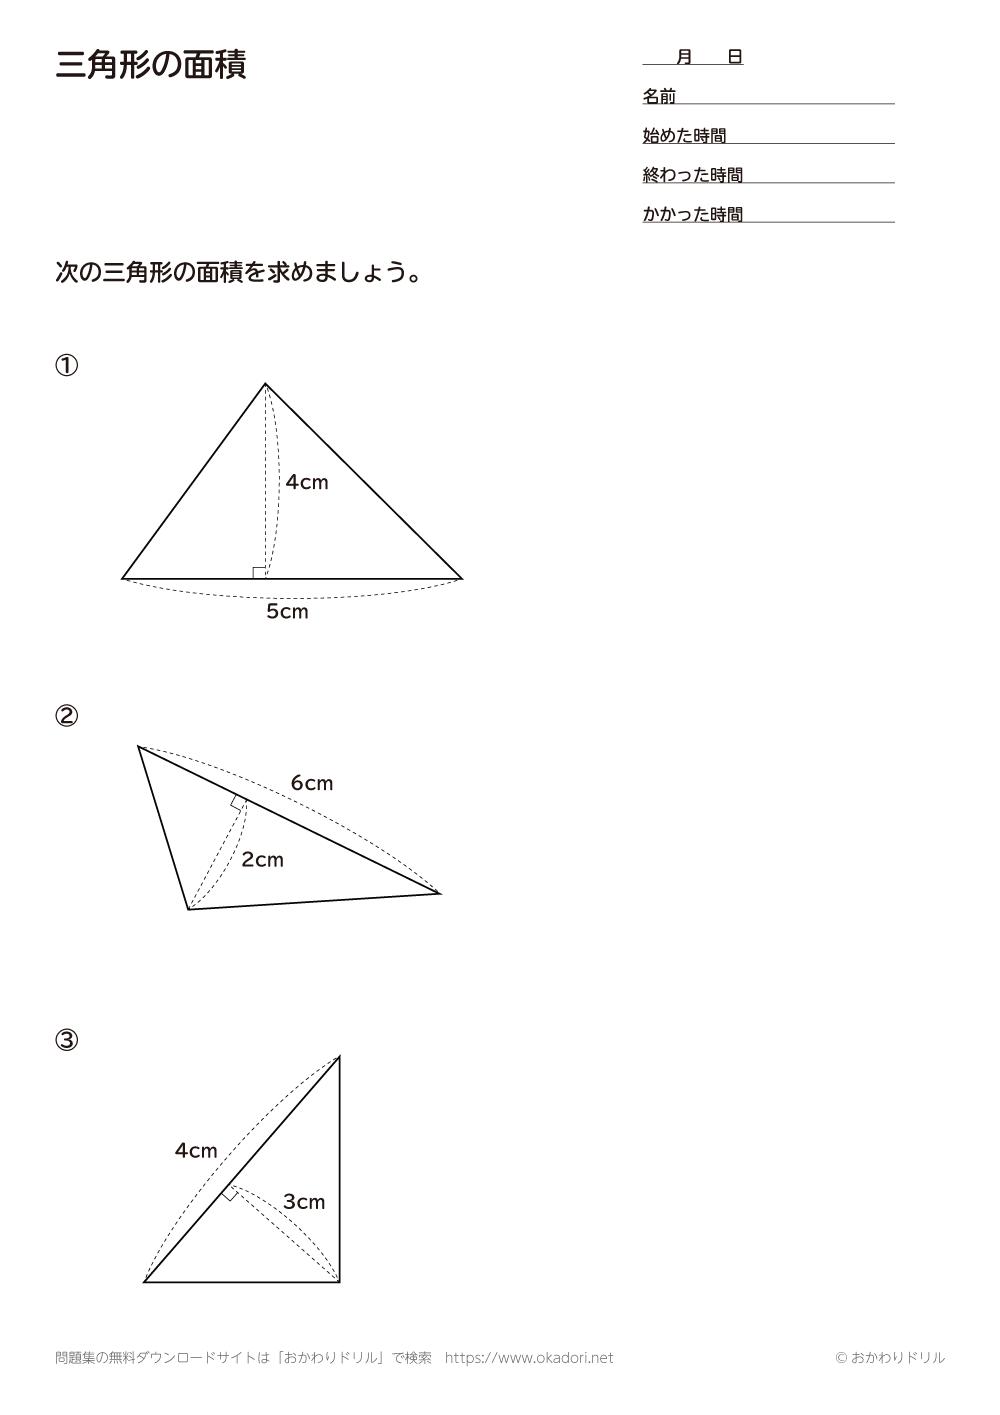 三角形の面積1